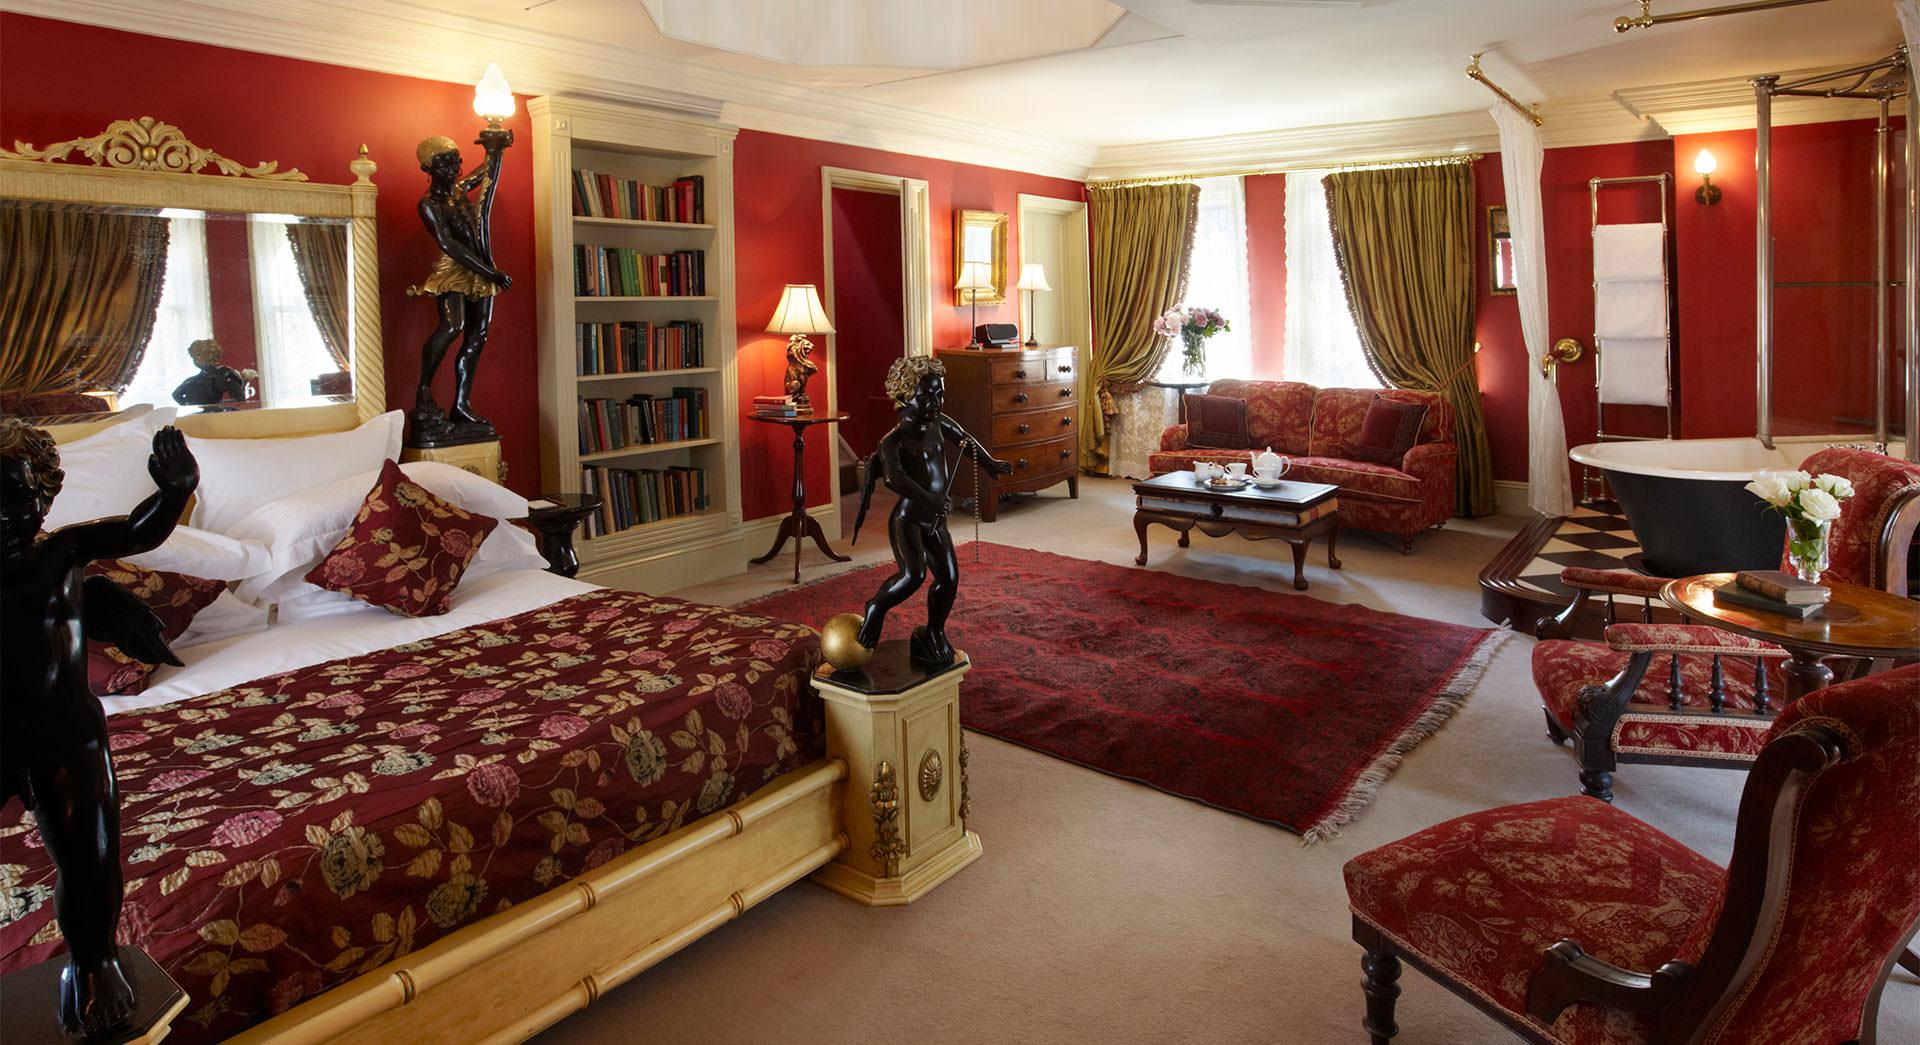 Rook's Nest bedroom